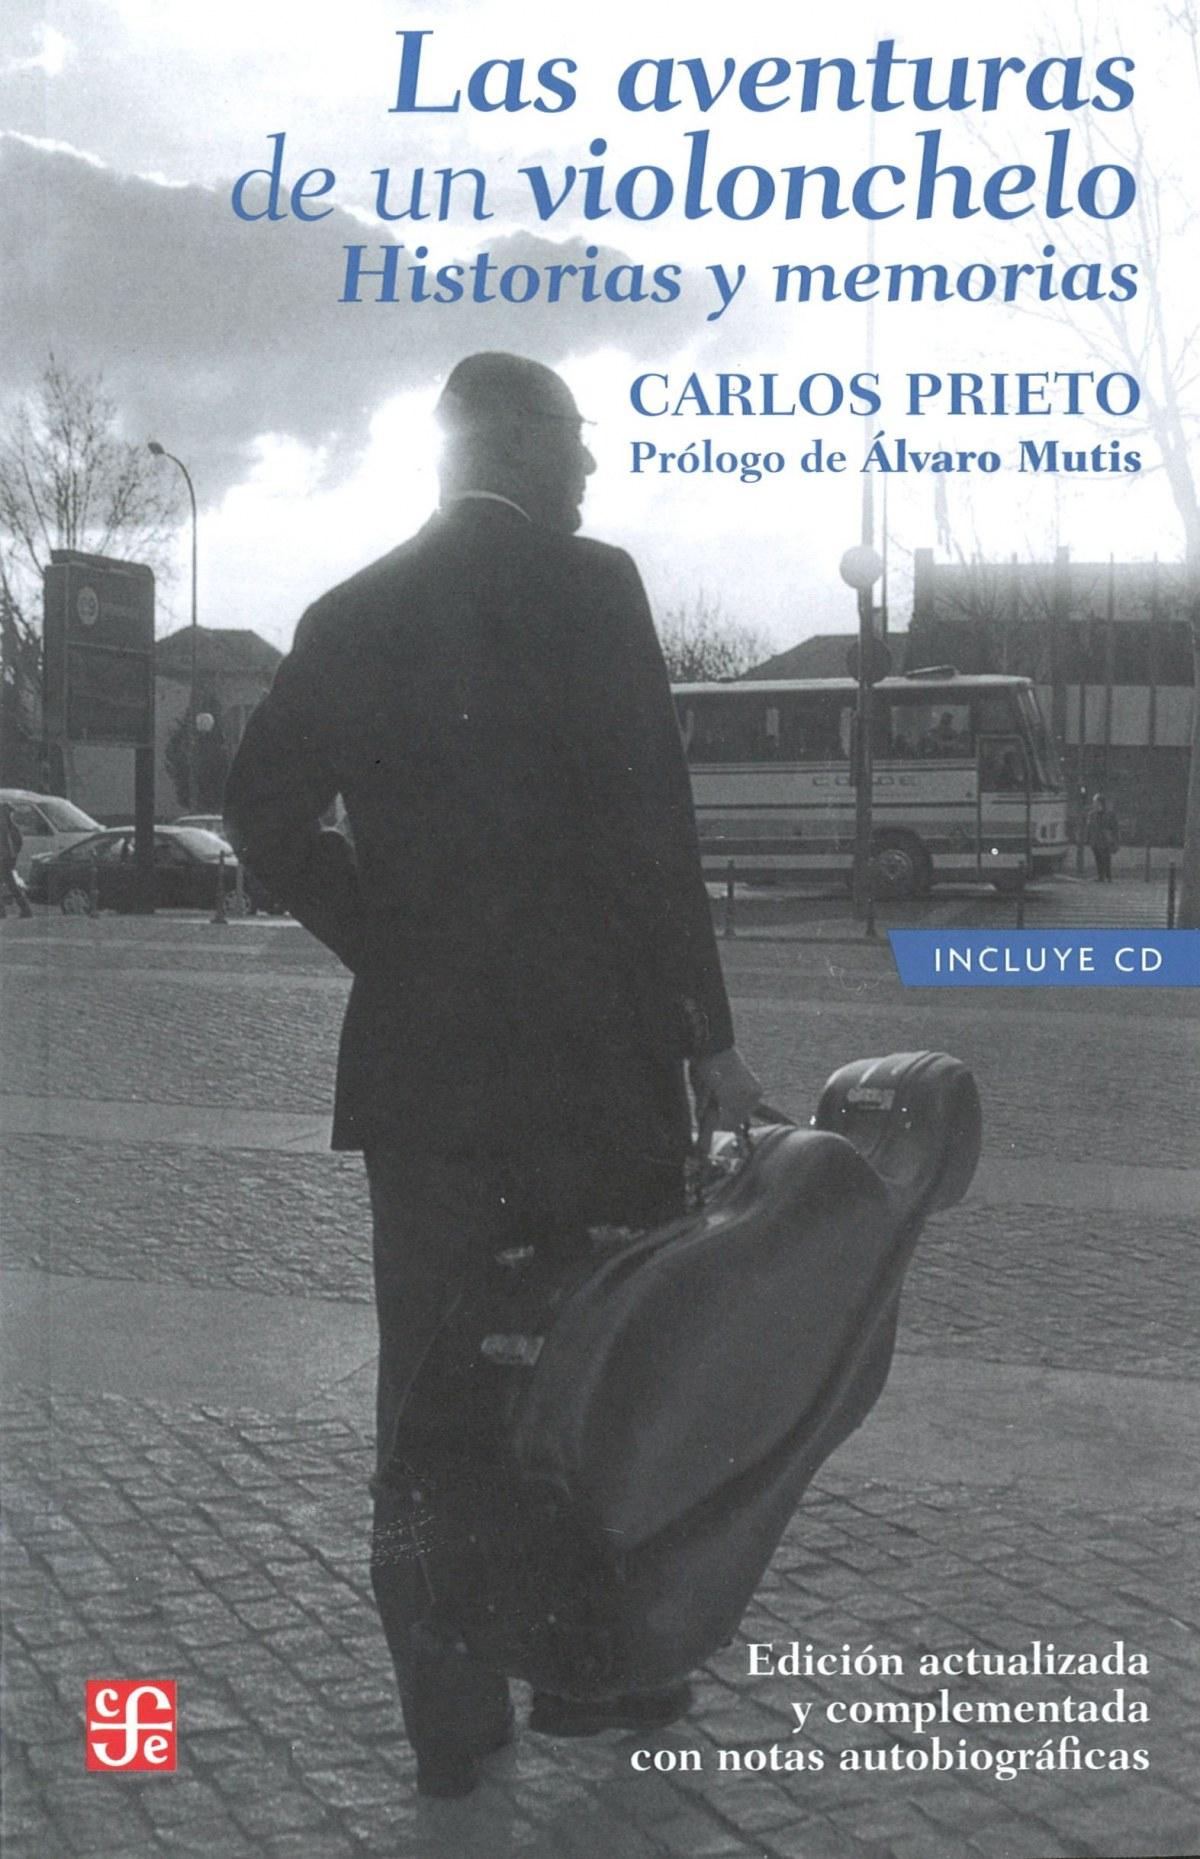 Las aventuras de un violonchelo : historias y memorias